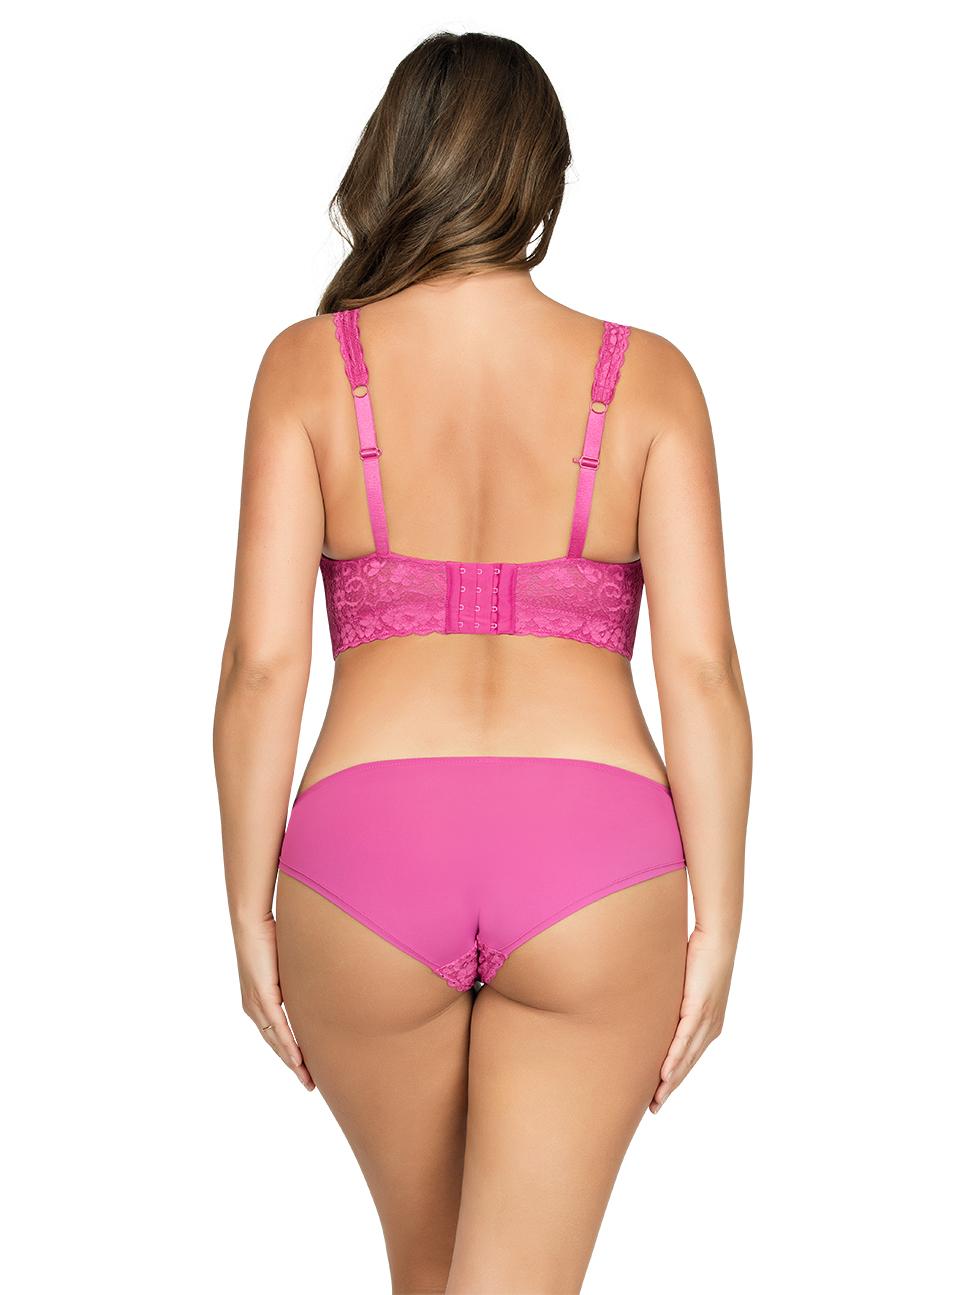 PARFAIT Adriana LaceBraletteP5482 BikiniP5483 Raspberry Back - Adriana Lace Bralette - Raspberry - P5482